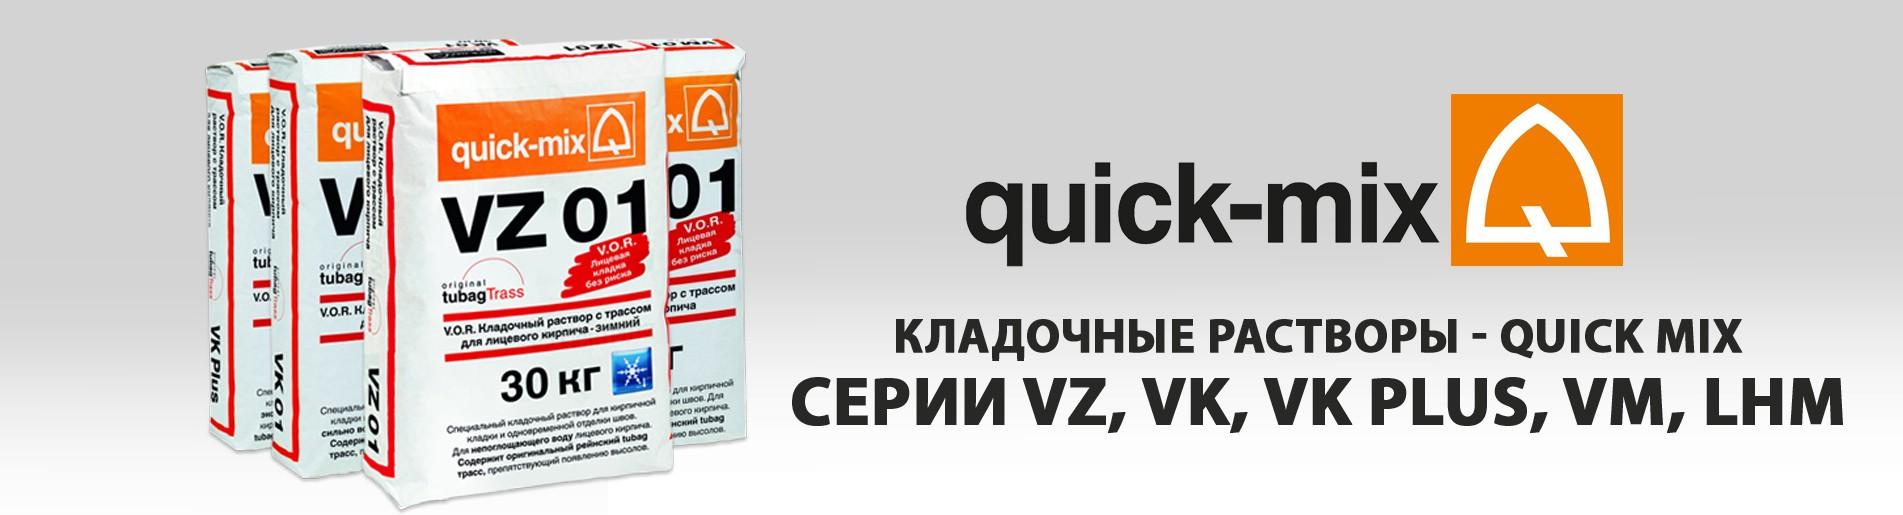 Quick Mix - смеси